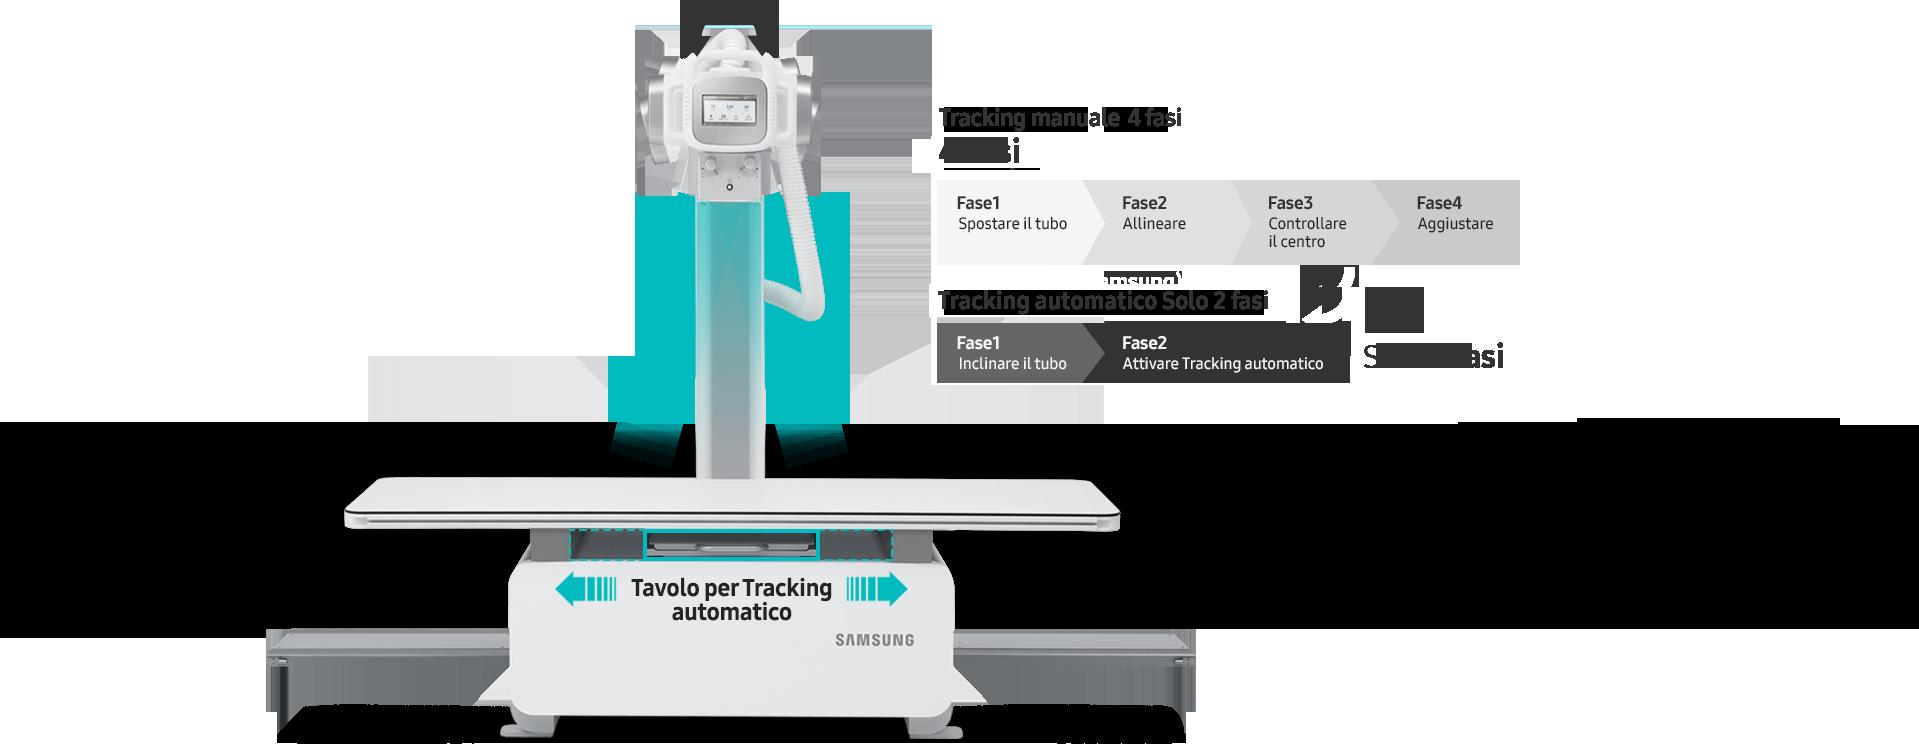 Con la funzione Tracking automatico le operazioni sono più semplici e rapide a prescindere dalla posizione del paziente.